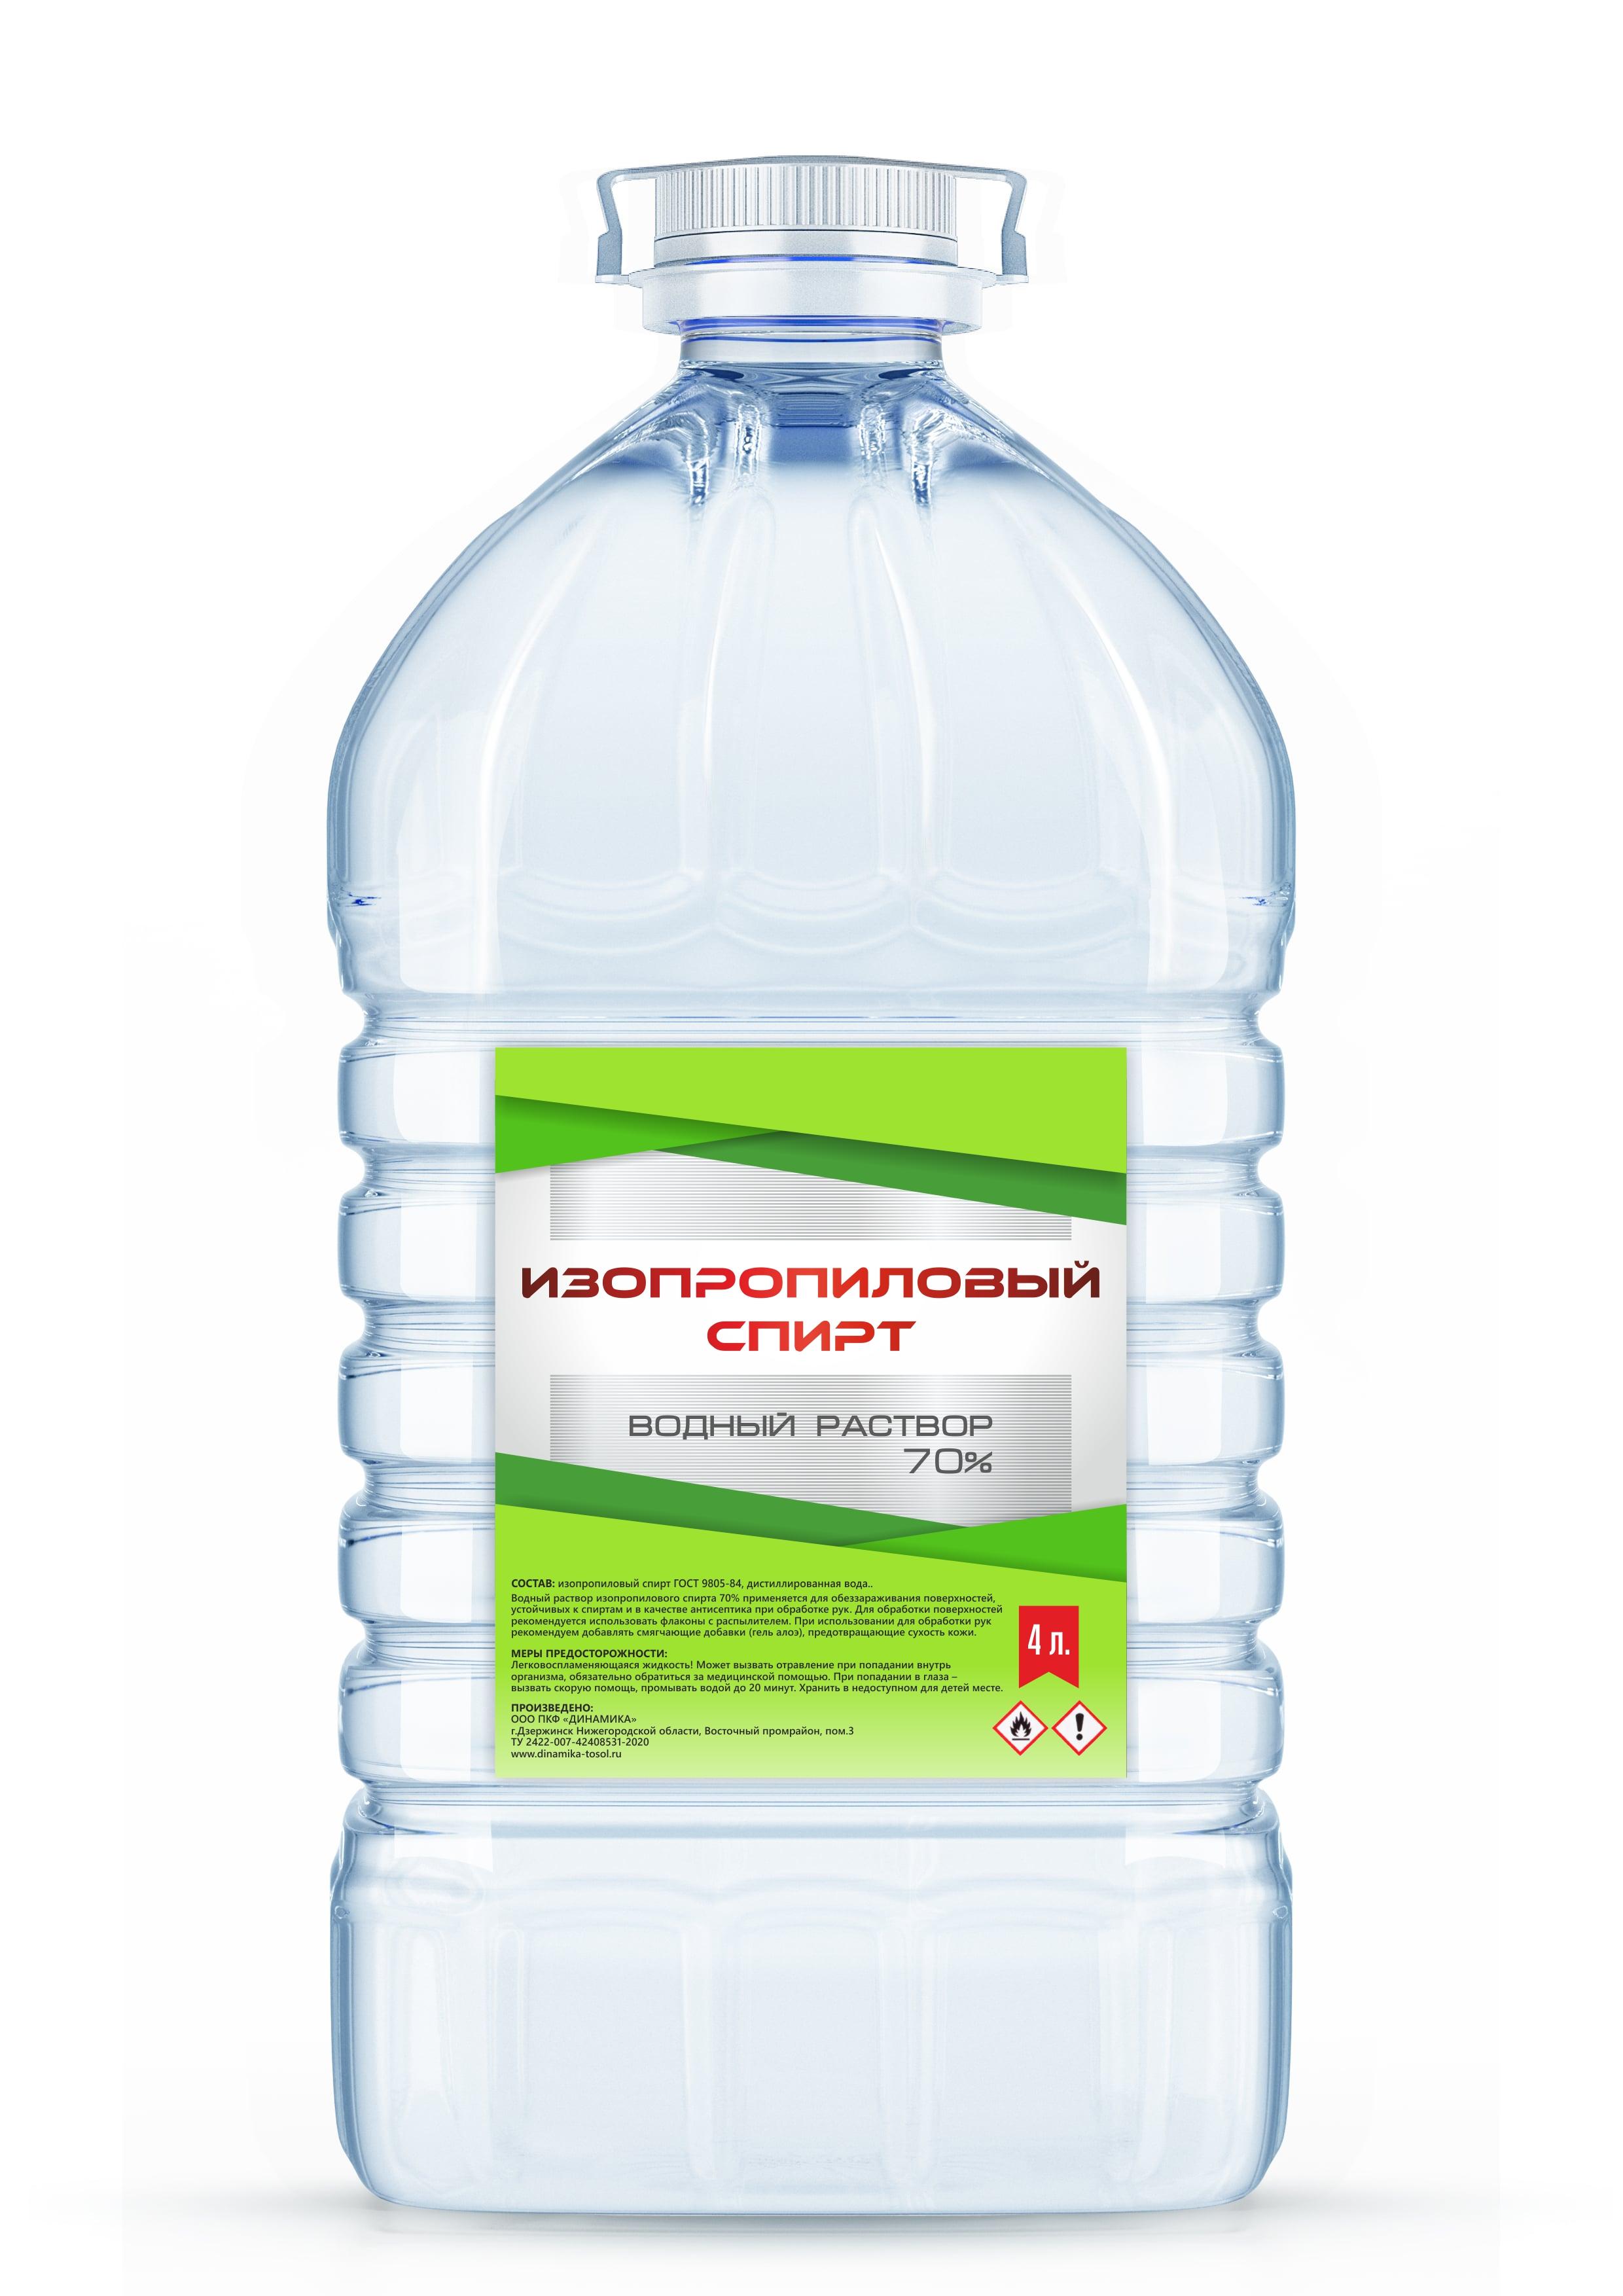 Изопропиловый спирт – что это такое - wikilechenie.ru